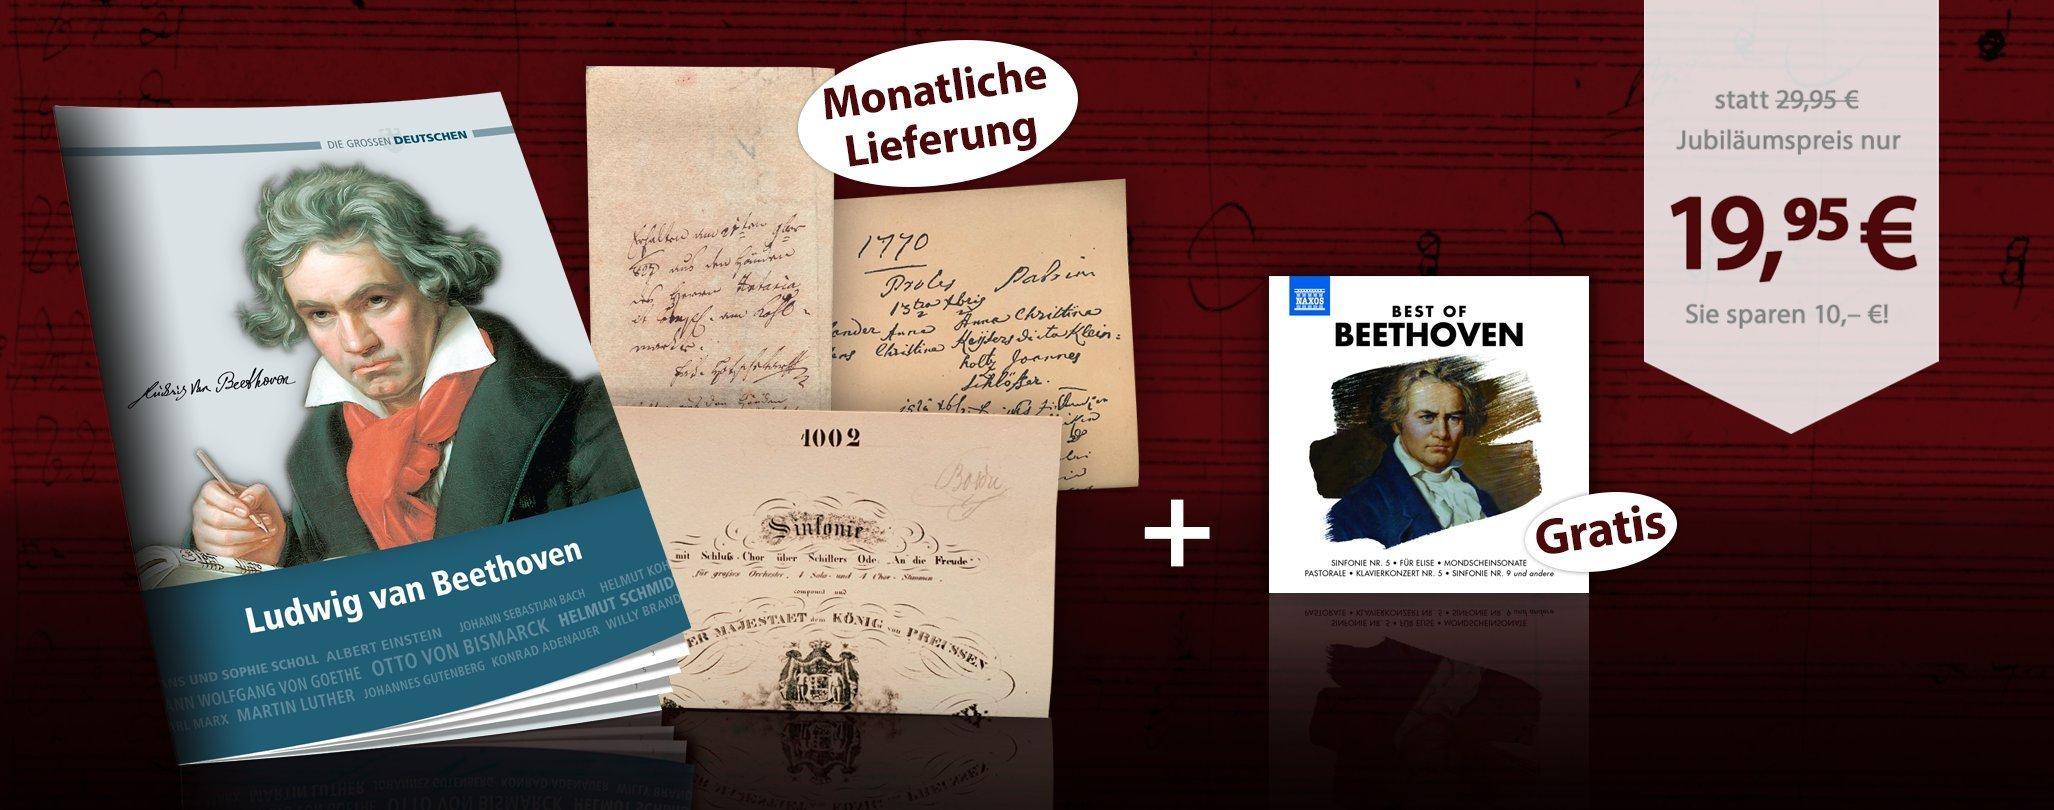 MDM - Die 20 größten Deutschen - Ludwig van Beethoven